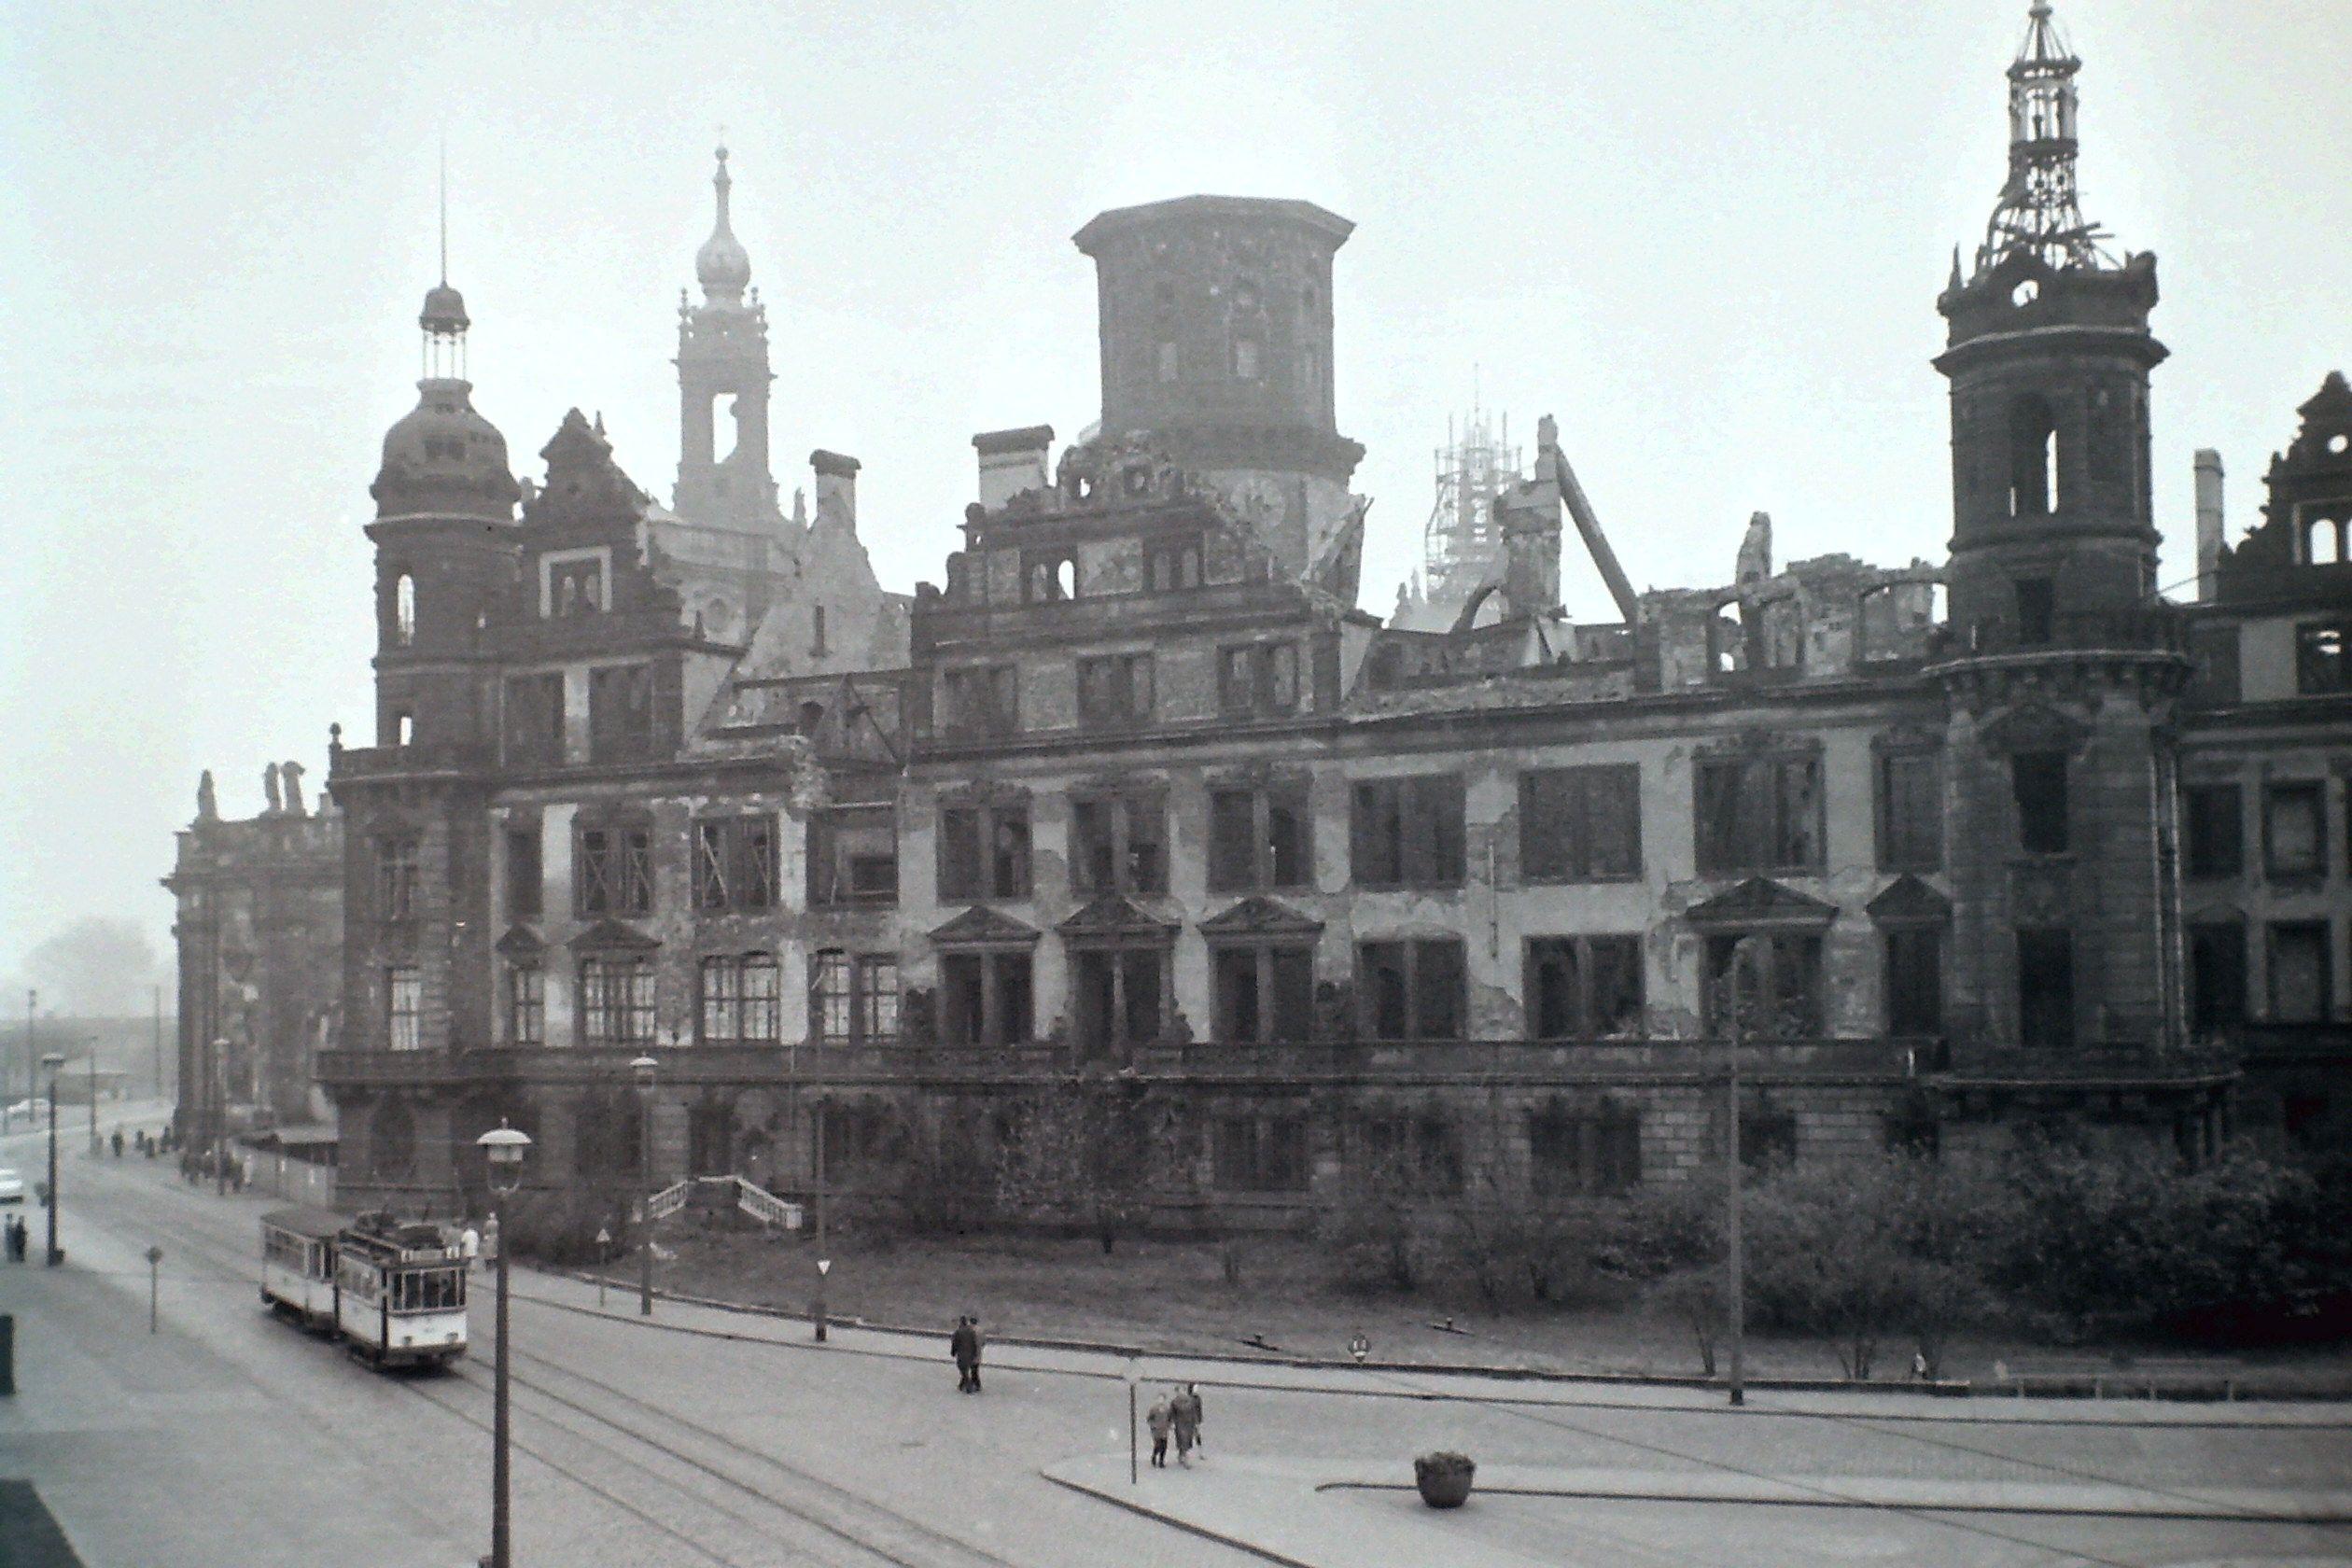 Die Ruine Des Residenzschloss In Dresden Dresden Ruinen Zeitreise